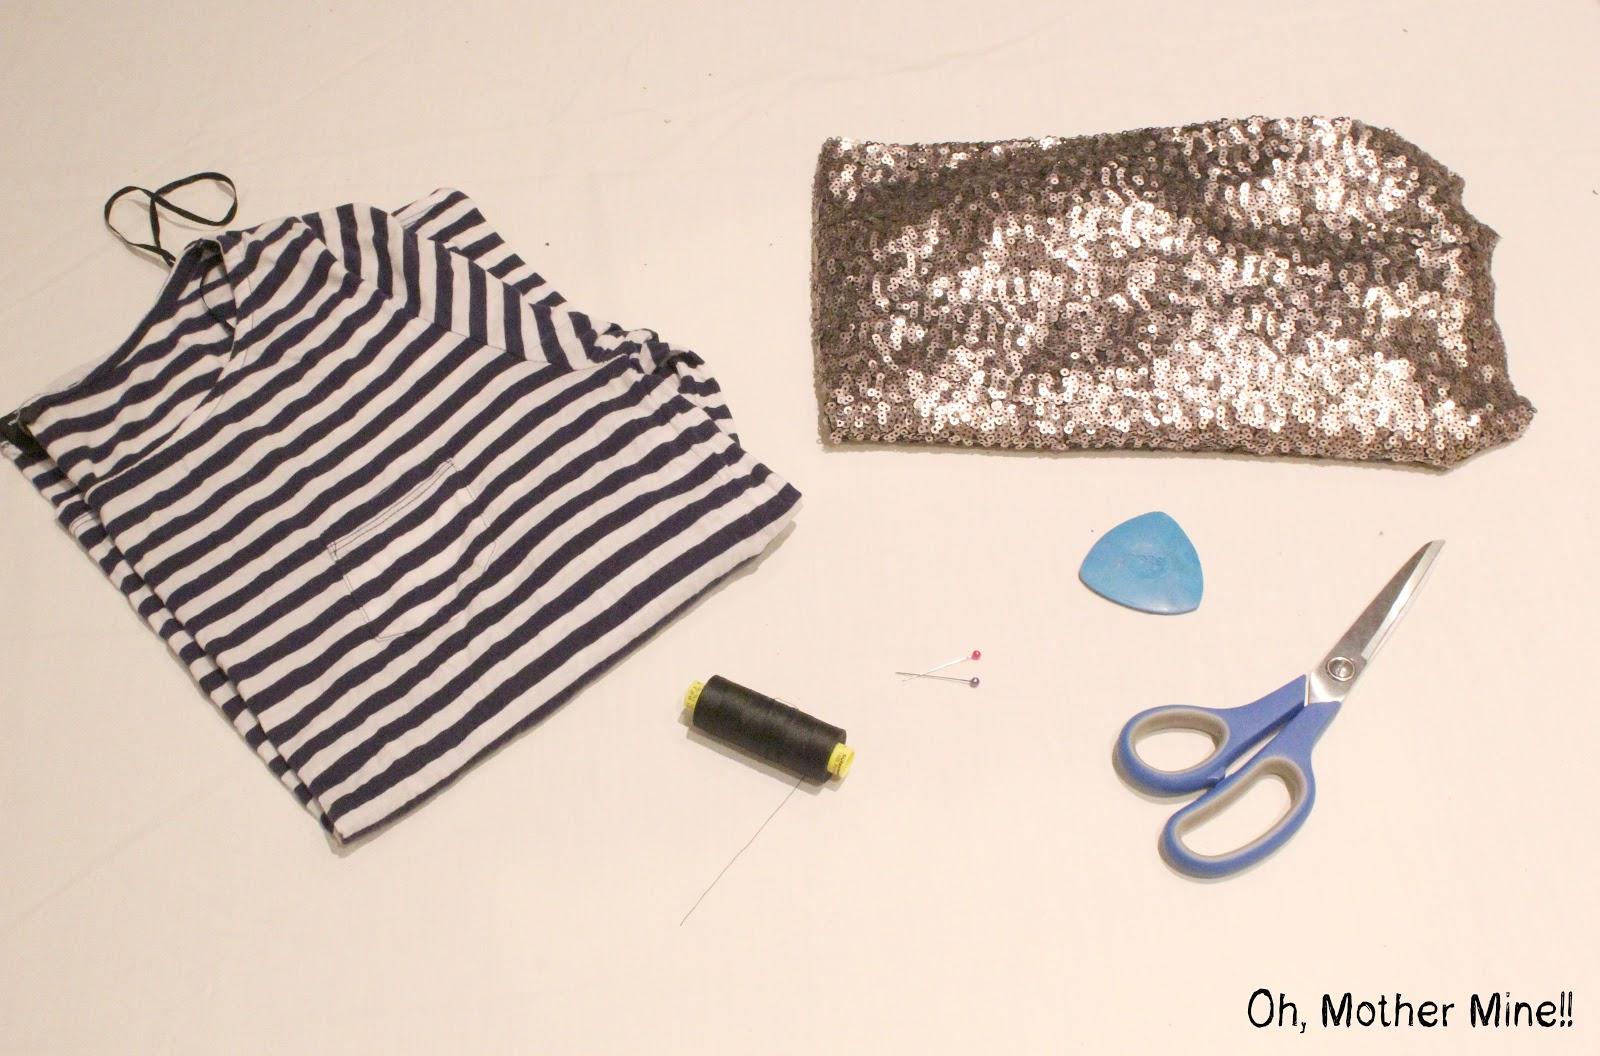 C mo hacer una camiseta de lentejuelas diy oh mother - Como hacer una mosquitera ...